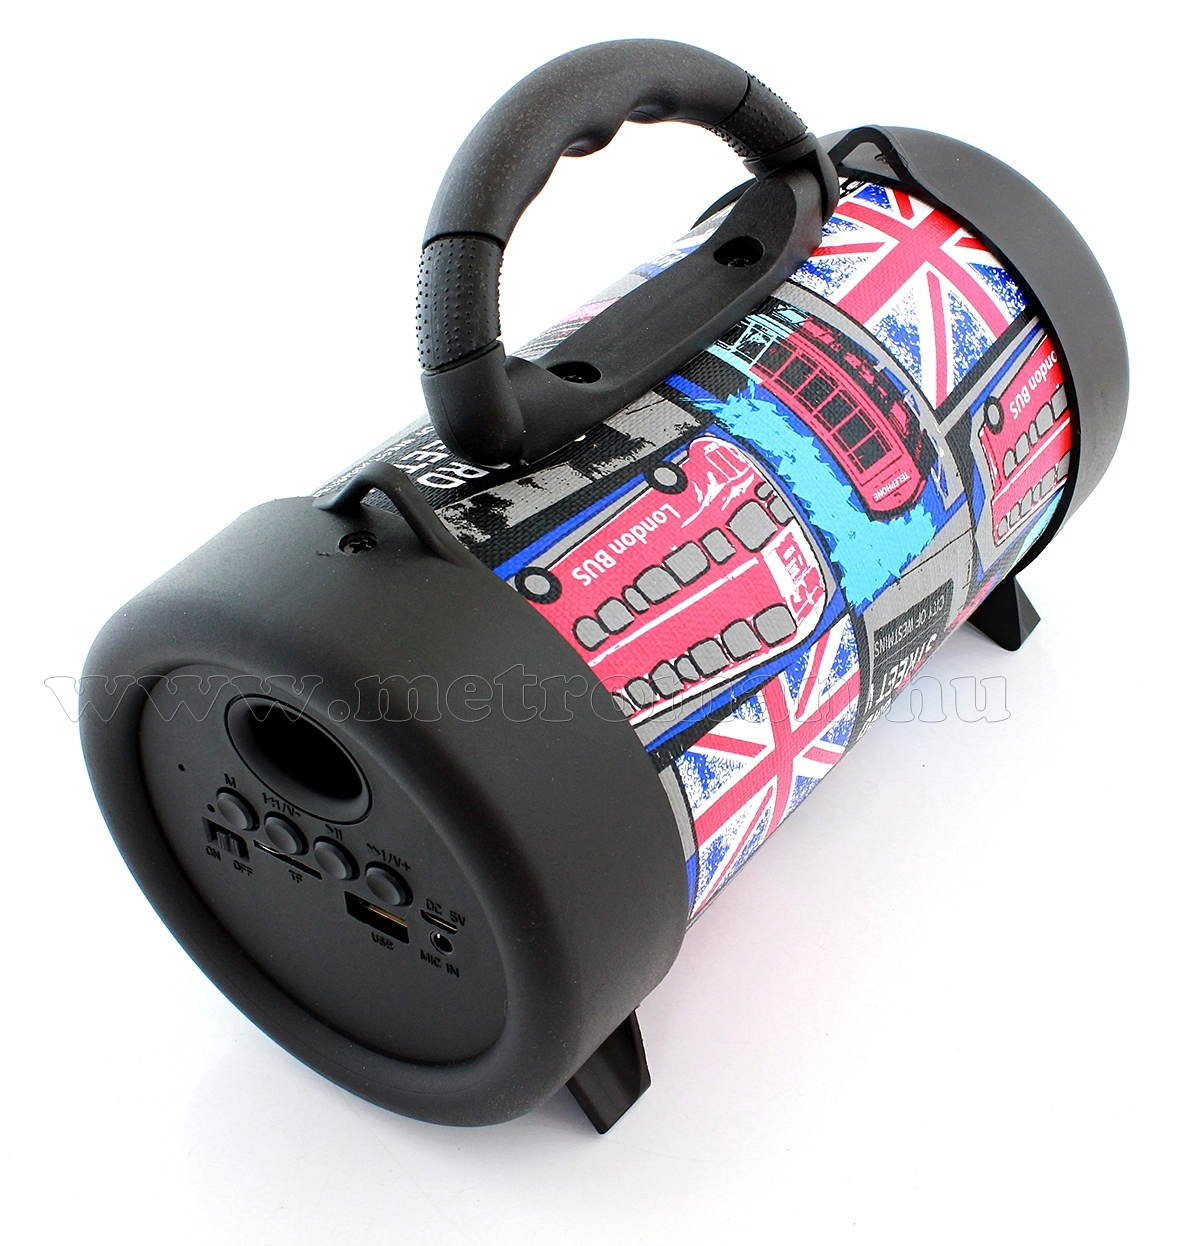 USB/SD MP3 Bluetooth hangszóró és zenelejátszó mikrofonnal M58